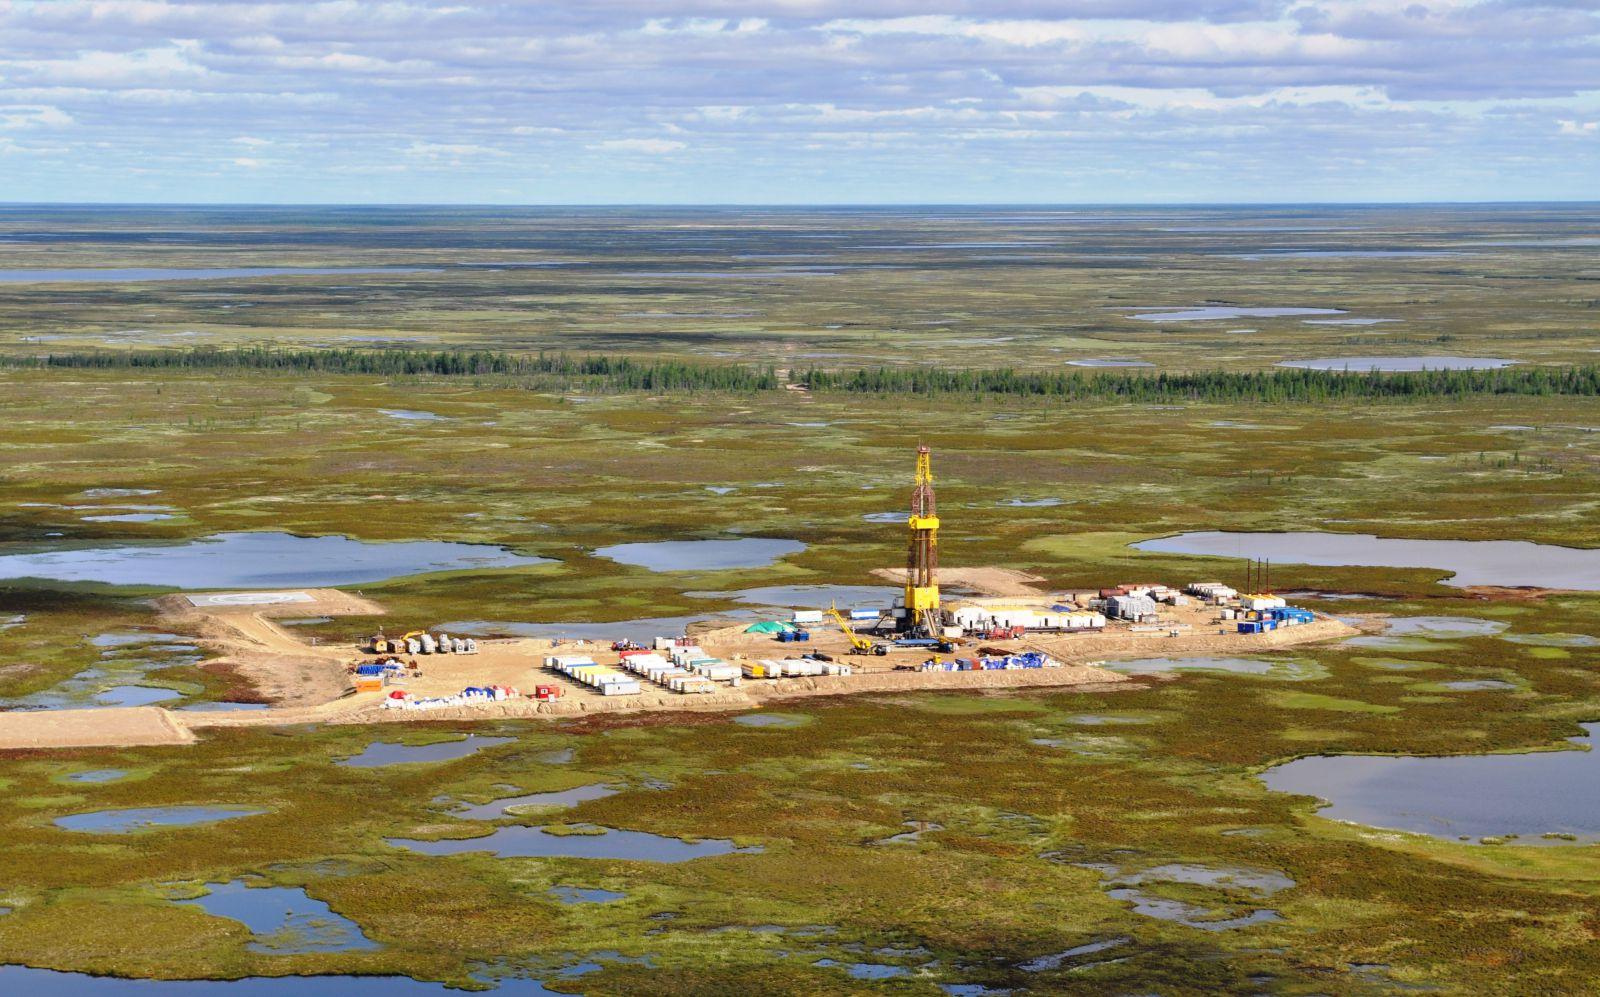 Арктический кластер 'Роснефти' в перспективе может обеспечить добычу до 100 млн тонн нефти